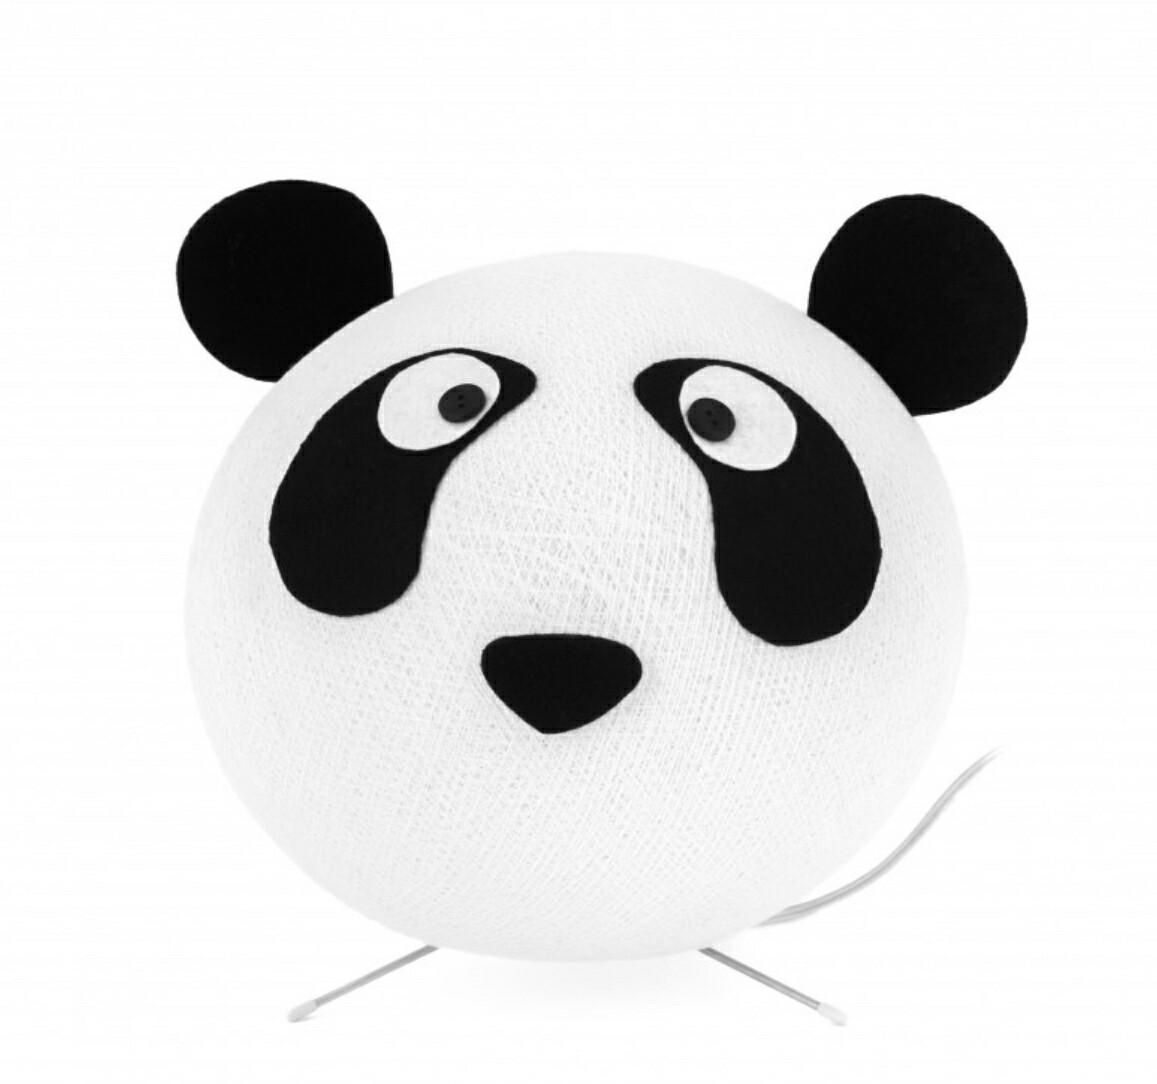 Lampada Panda Cobo